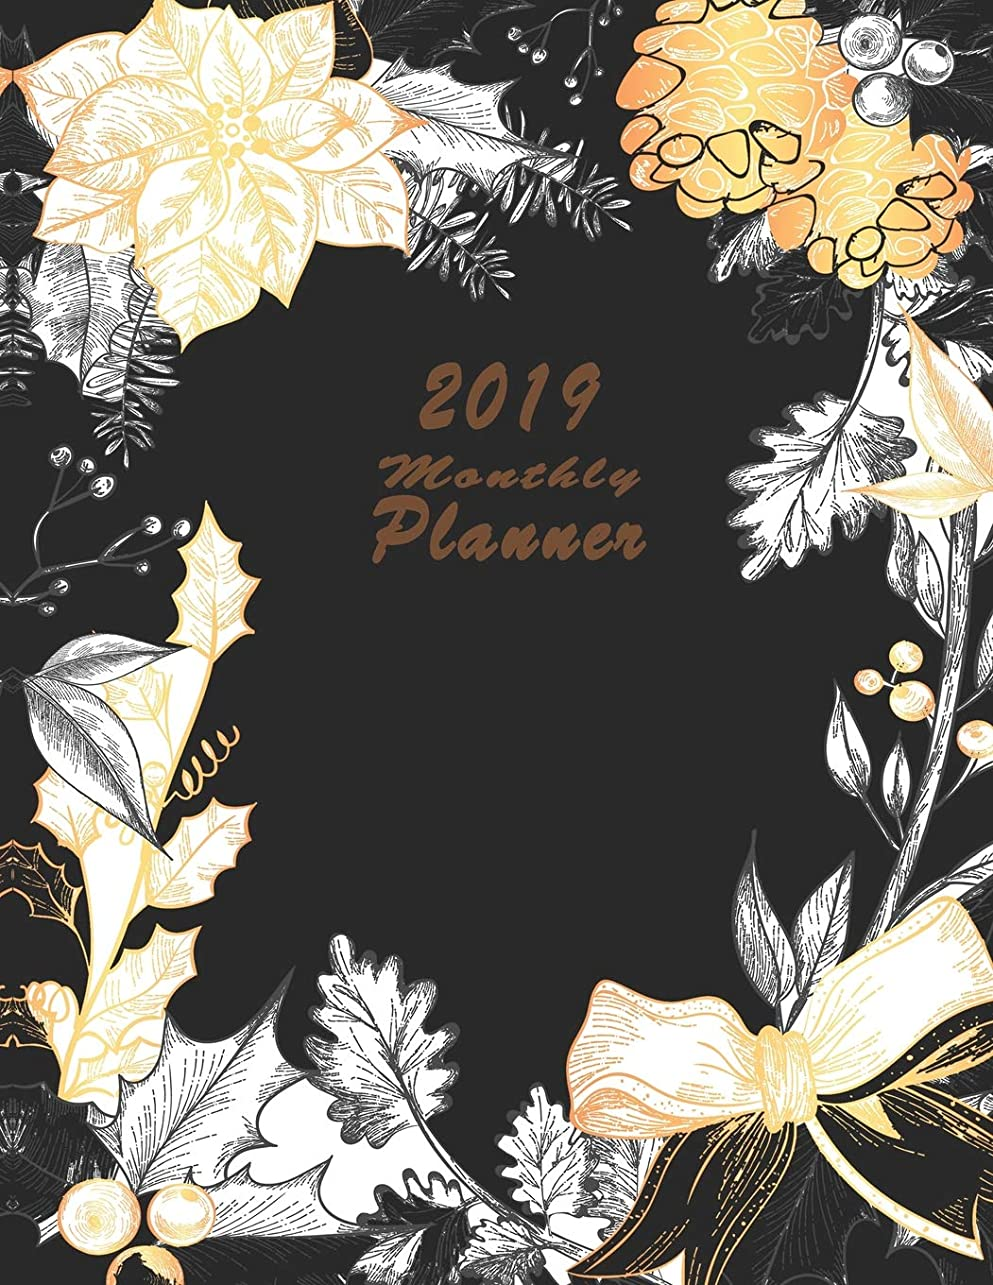 合意交差点ミトン2019 monthly planner: Organizer To do List January - December 2019 Calendar Top goal and Focus Schedule Beautiful Happy Christmas Greeting Card with Vintage Flowers background Monthly and Weekly (Planner 2019)